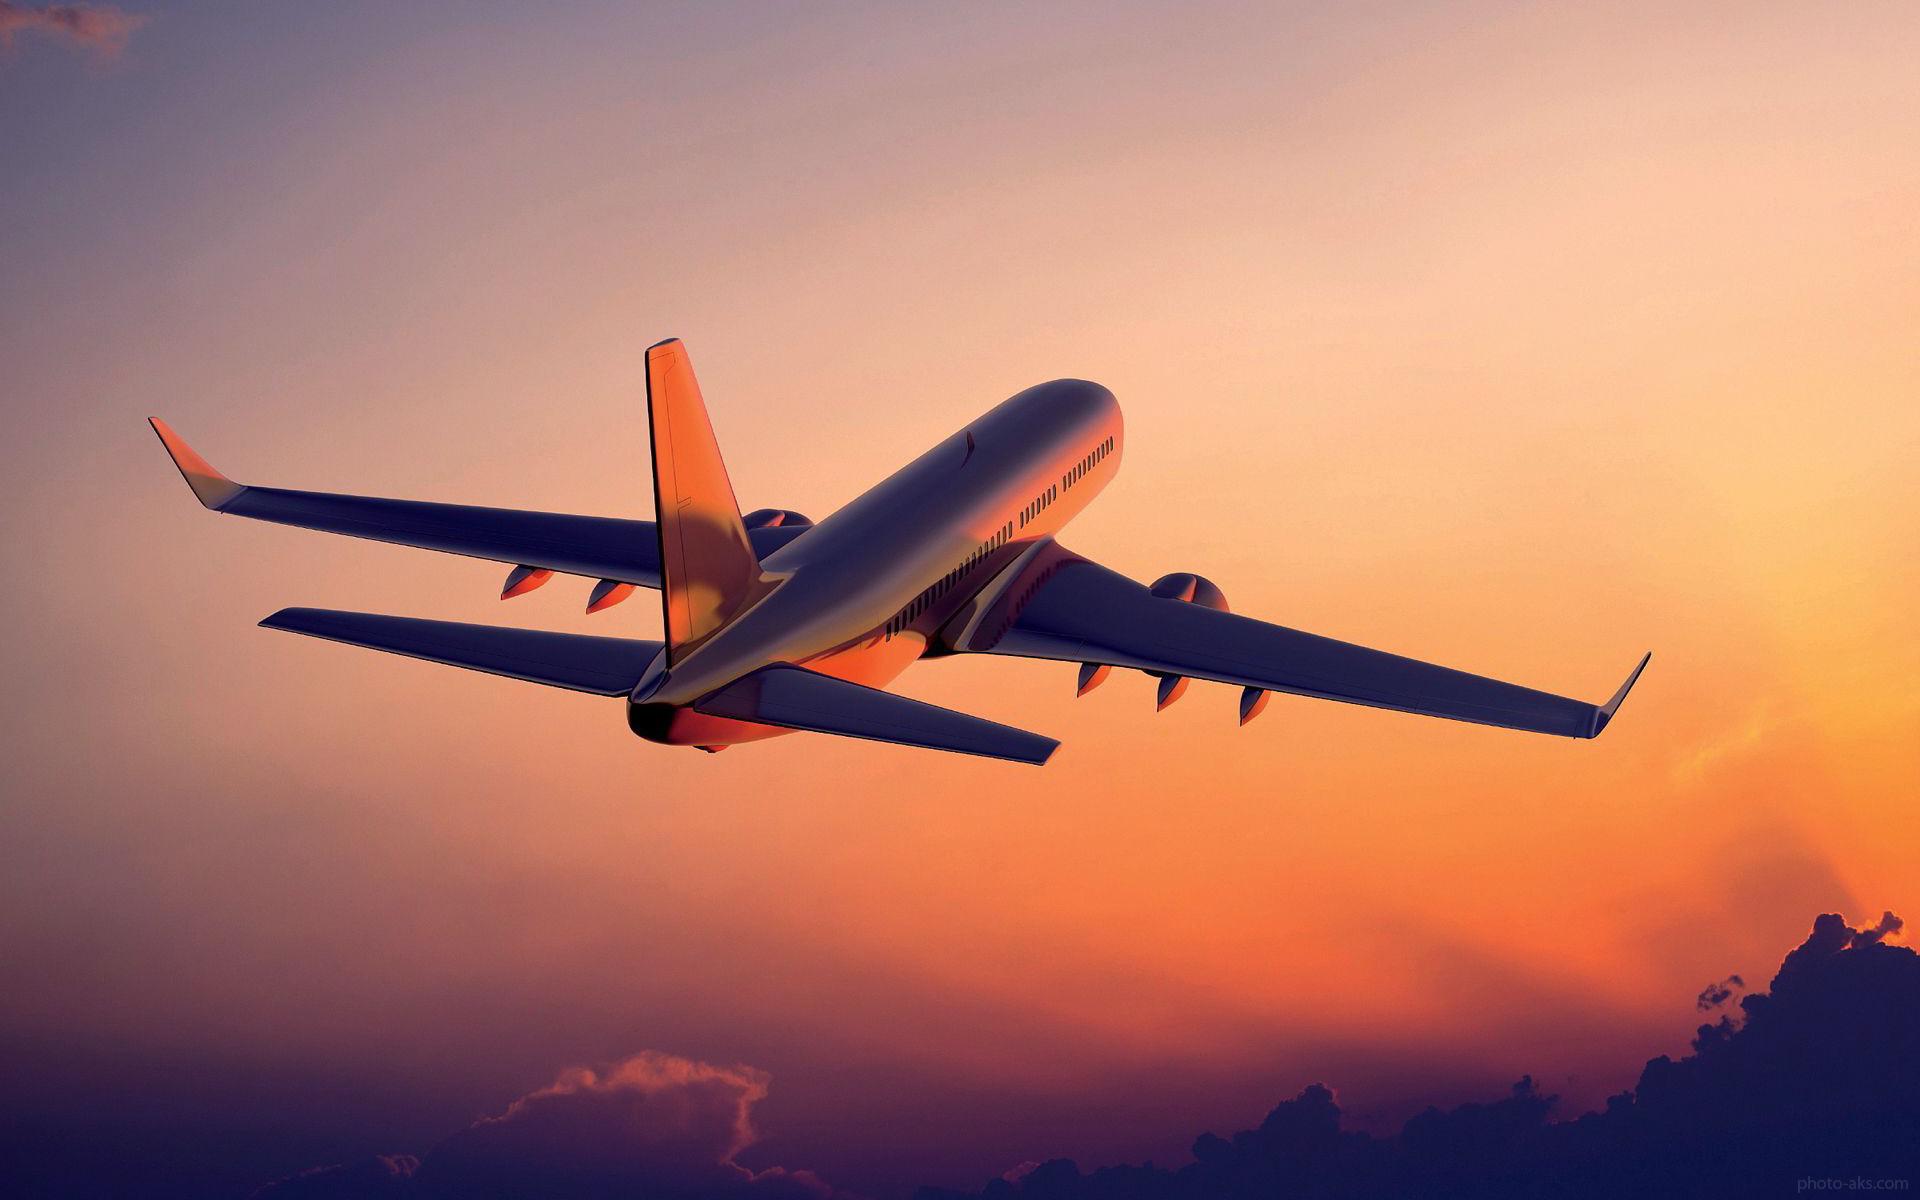 باشگاه خبرنگاران -آخرین قیمت بلیت هواپیما از تهران به مقصد کیش